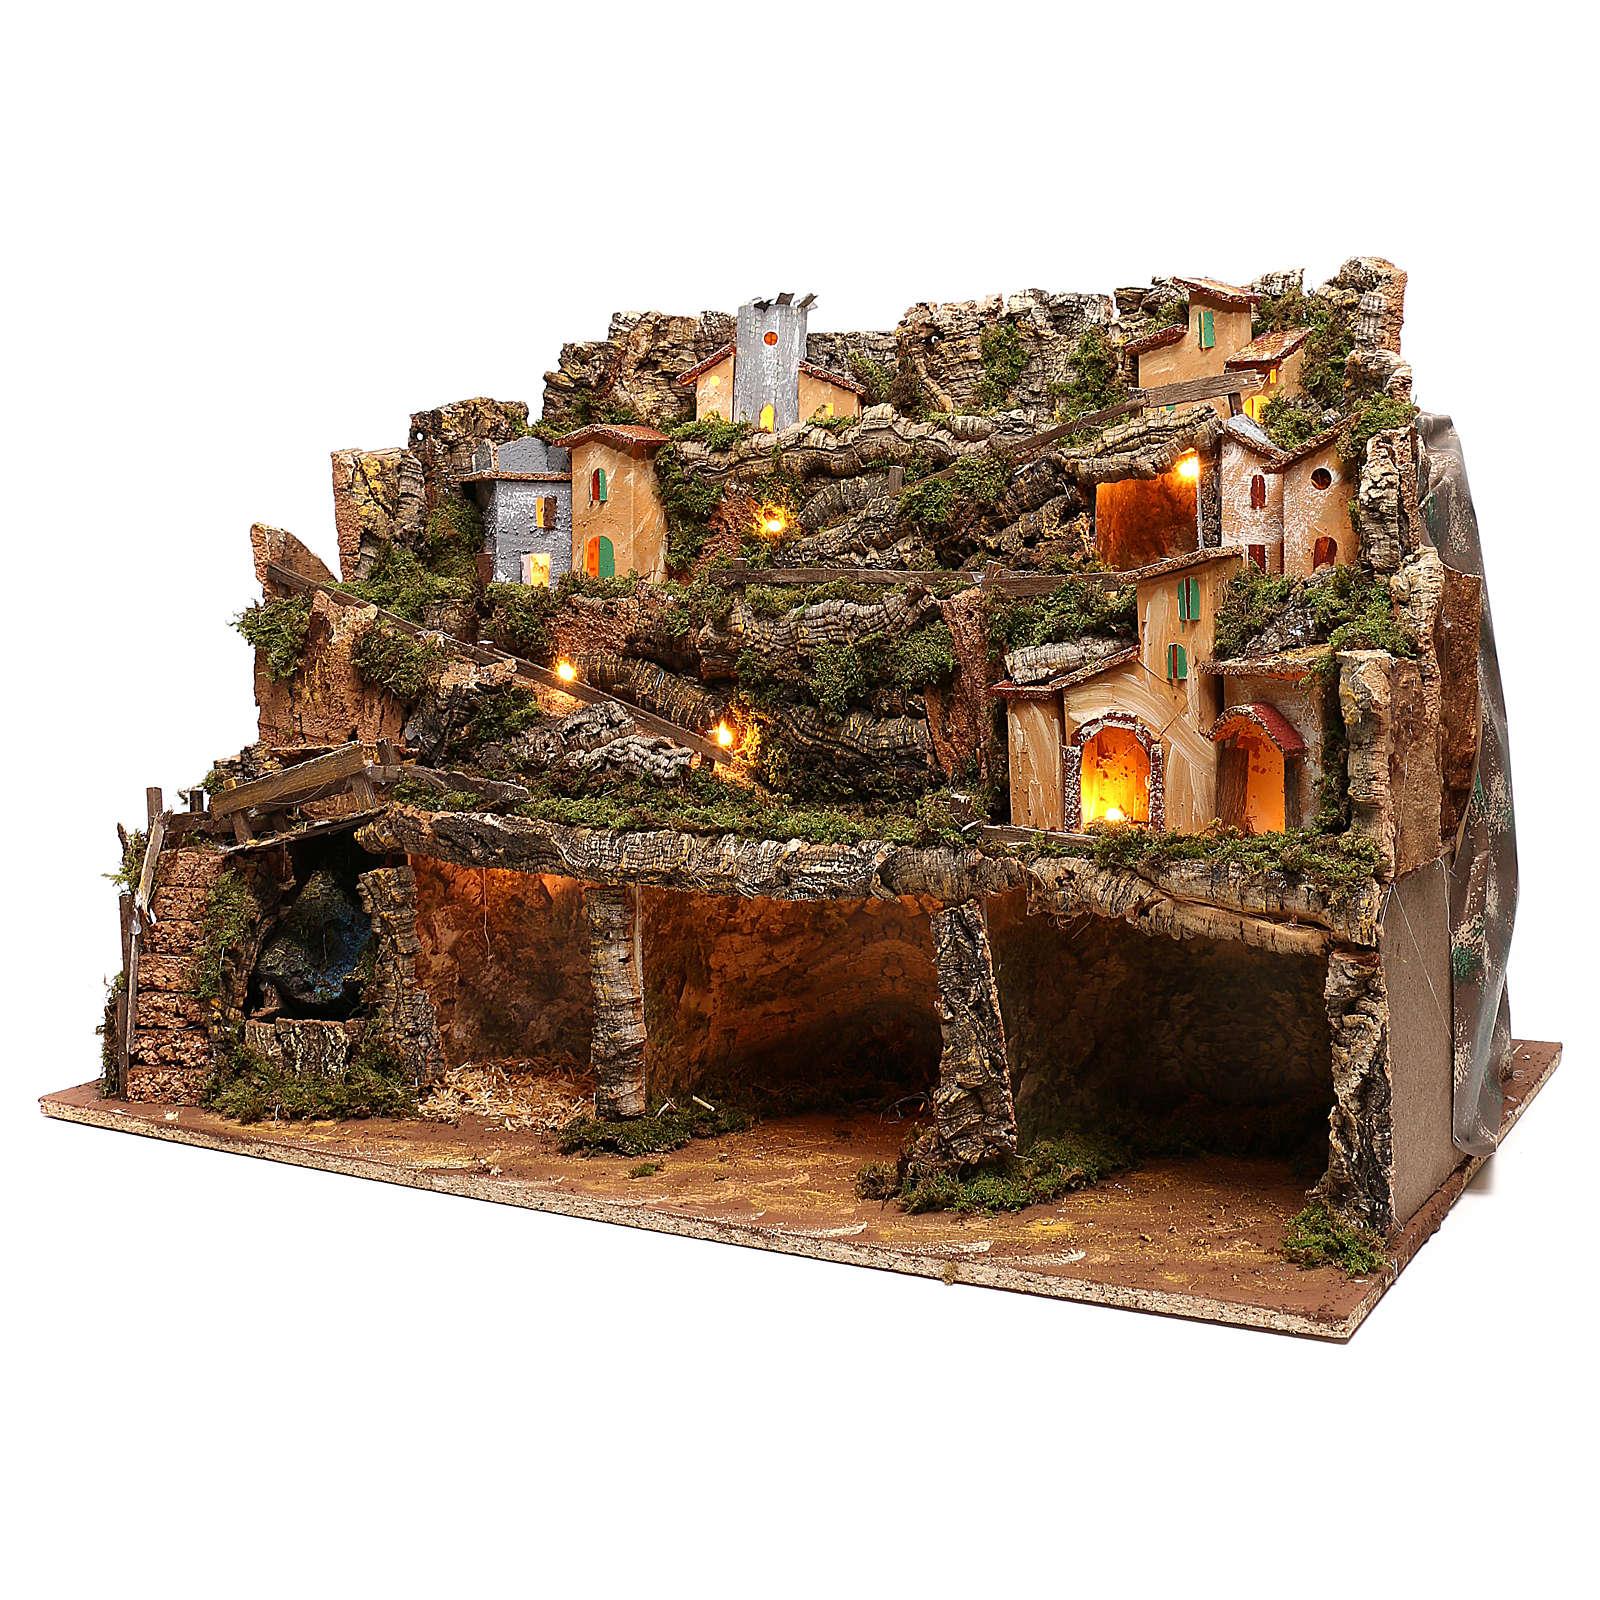 Borgo presepe luci e cascata con pompa 50x80x80 cm per presepe 6-8 cm 4